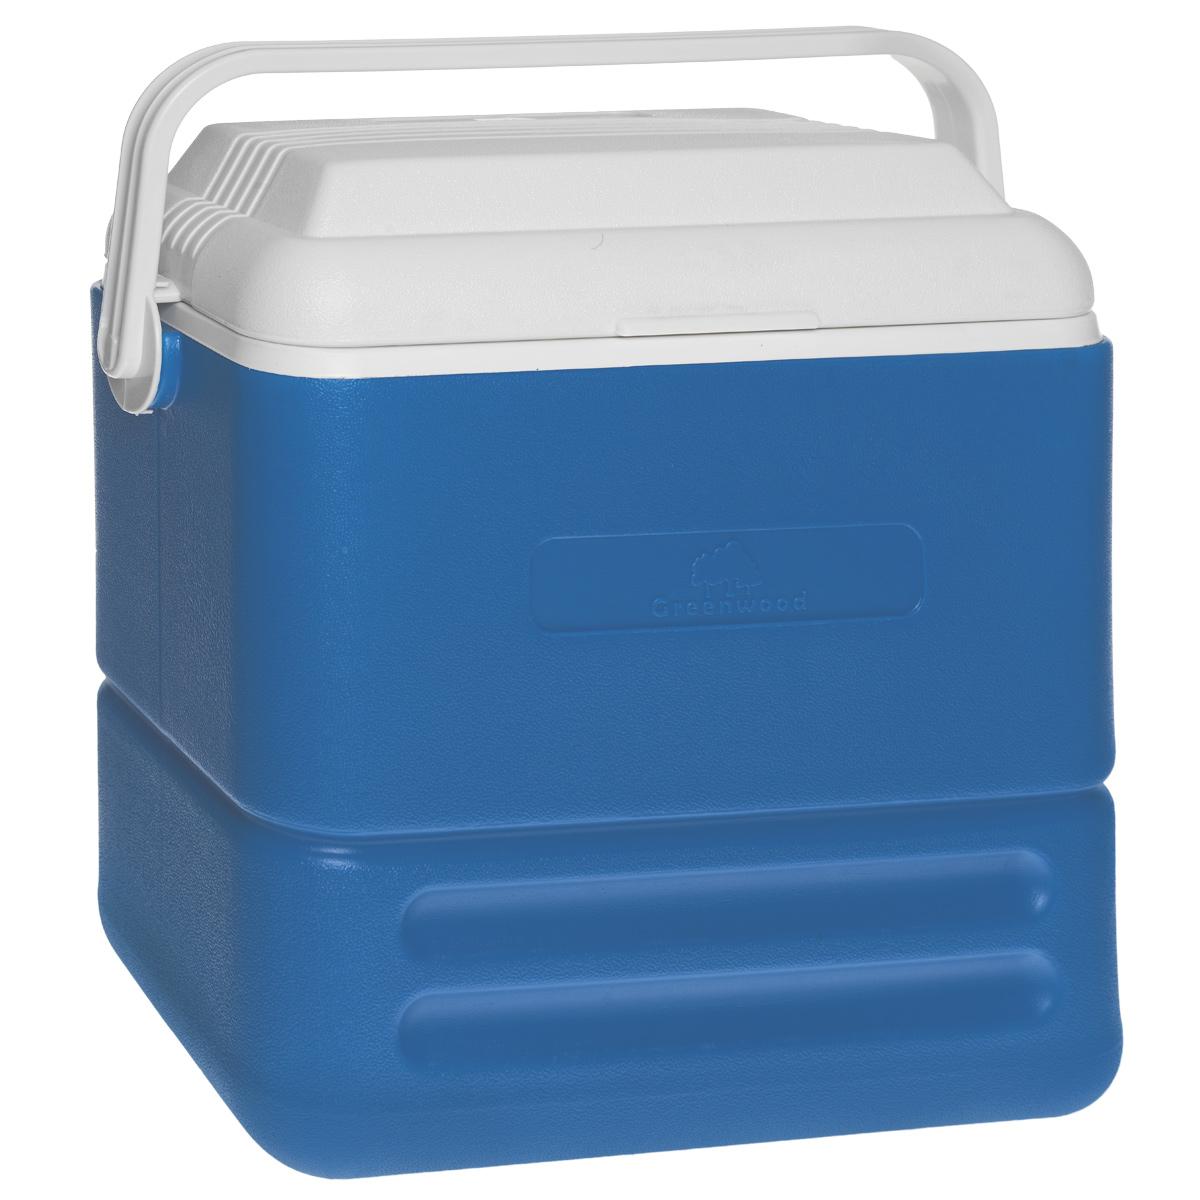 Изотермический контейнер Greenwood HS713, 16 л, 38 см х 23 см х 37,5 см1523Изотермический контейнер Greenwood изготовлен из высококачественного полистирола и предназначен для сохранения определенной температуры продуктов во время длительных поездок. Между двойными стенками находится термоизоляционный слой, который обеспечивает сохранение продуктов горячими или холодными на 12 часов. Подходит для хранения сухого льда. Подвижная ручка фиксирует крышку и делает более удобной переноску контейнера.